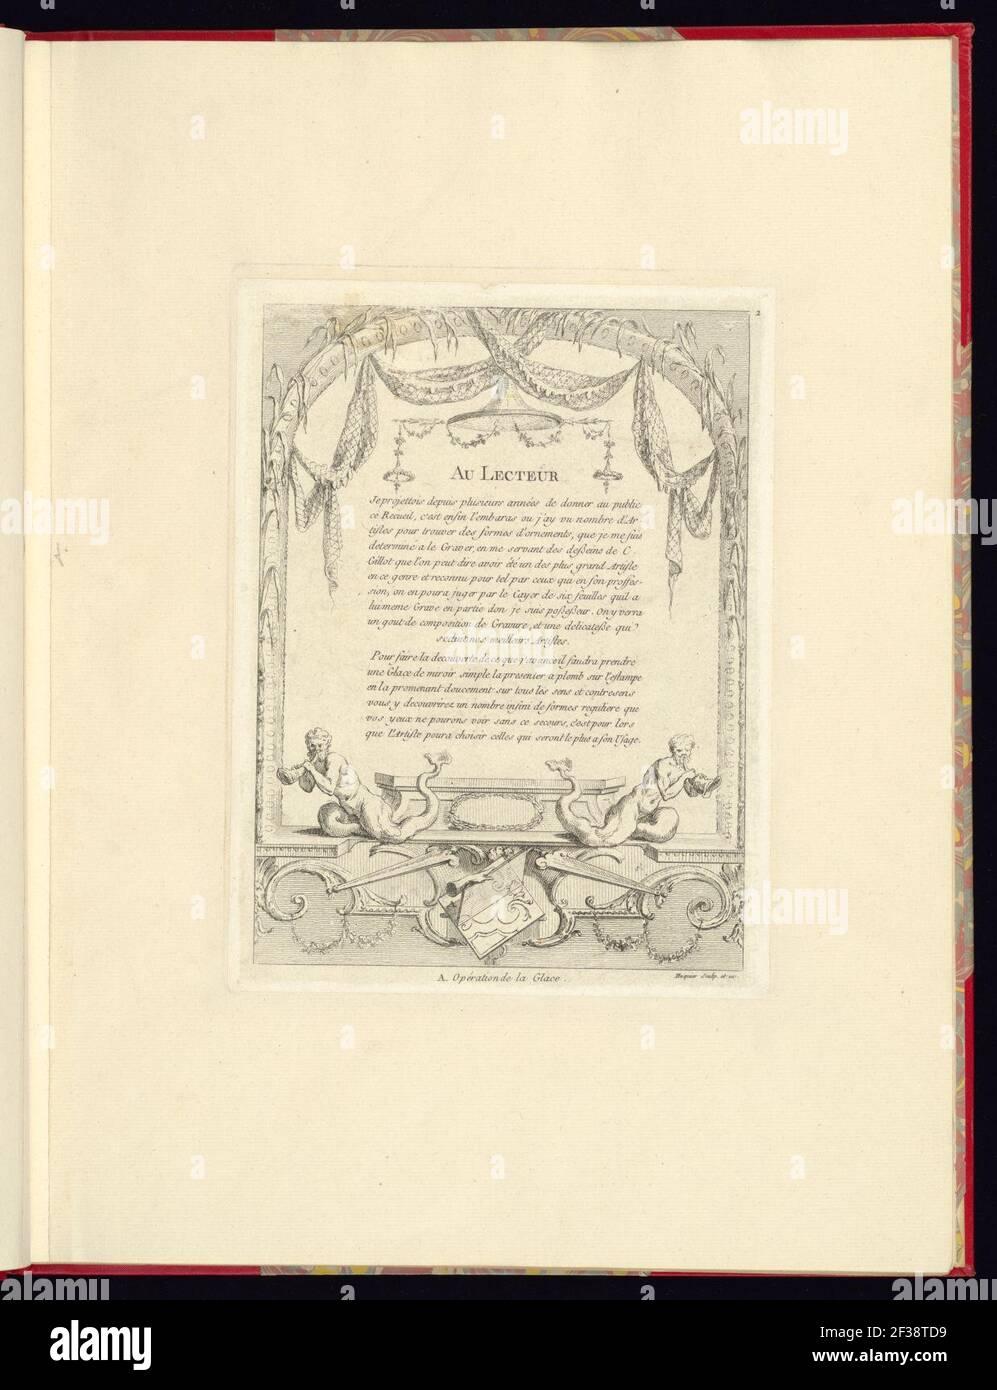 Imprimir, nouveau livre de princpes d'ornements particulièrement pour trouver un nombre infini de formes qui dependent, d'après les dessins de Gillot. Peintre du Roy, gravé par Huquier; pl. 2. Au Foto de stock